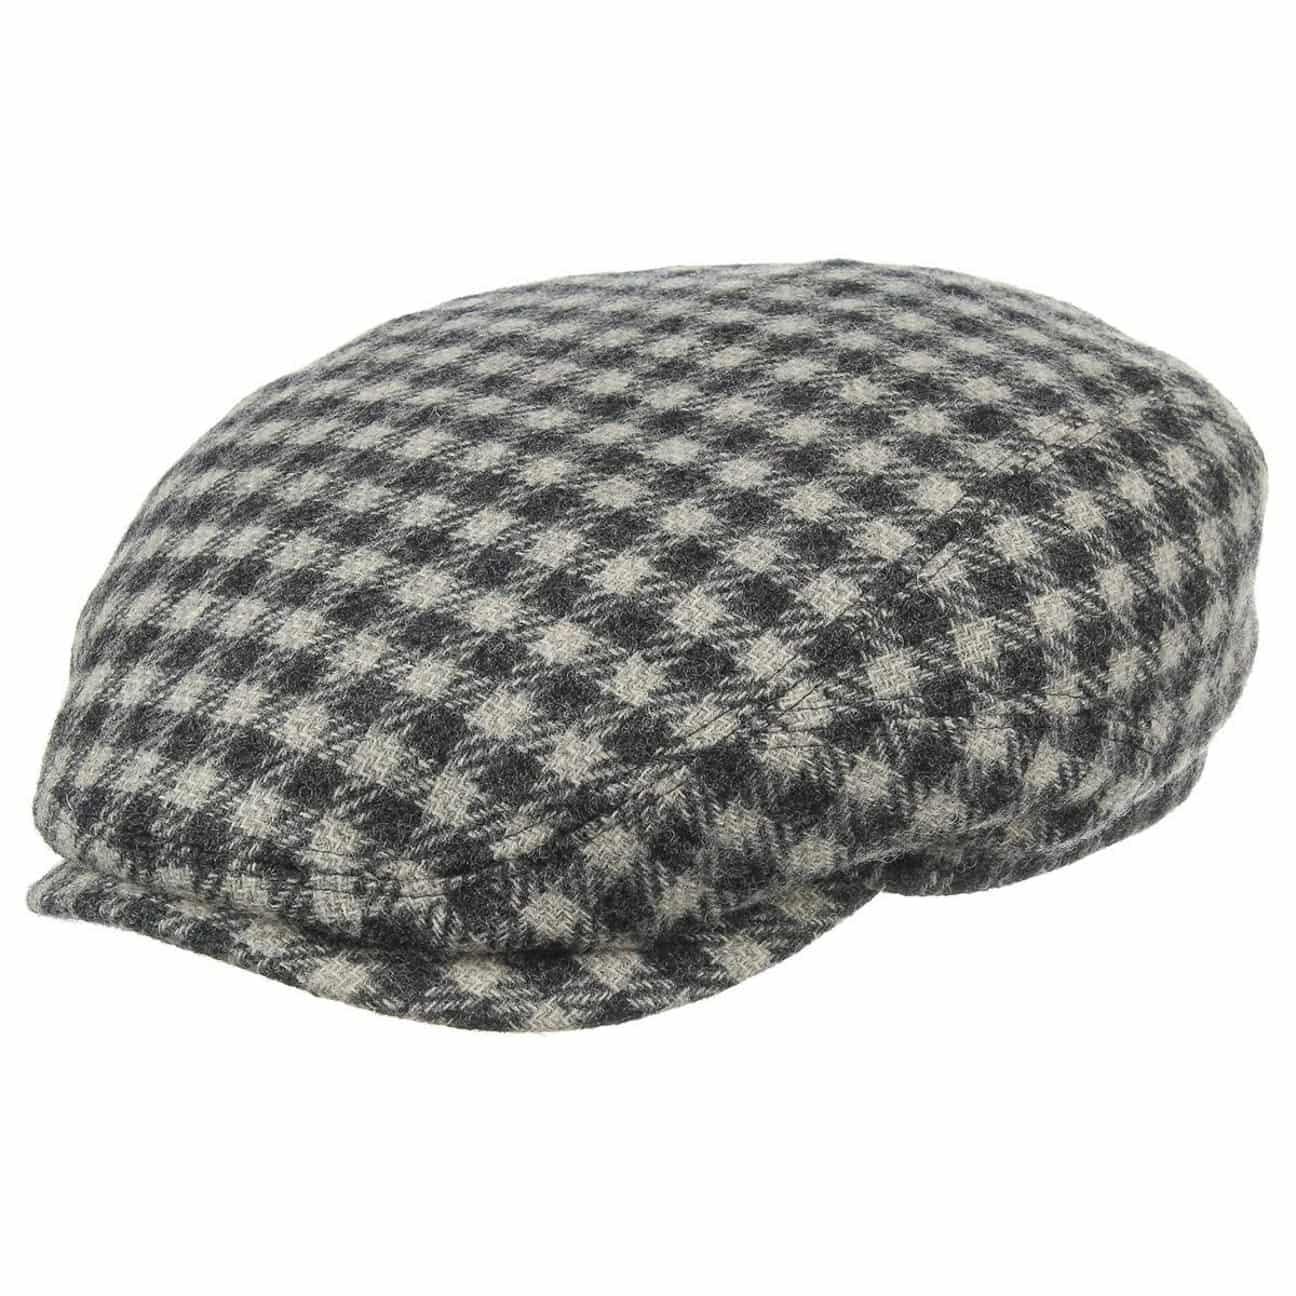 casquette plate belfast wool by stetson eur 79 00 chapeaux casquettes et bonnets en ligne. Black Bedroom Furniture Sets. Home Design Ideas